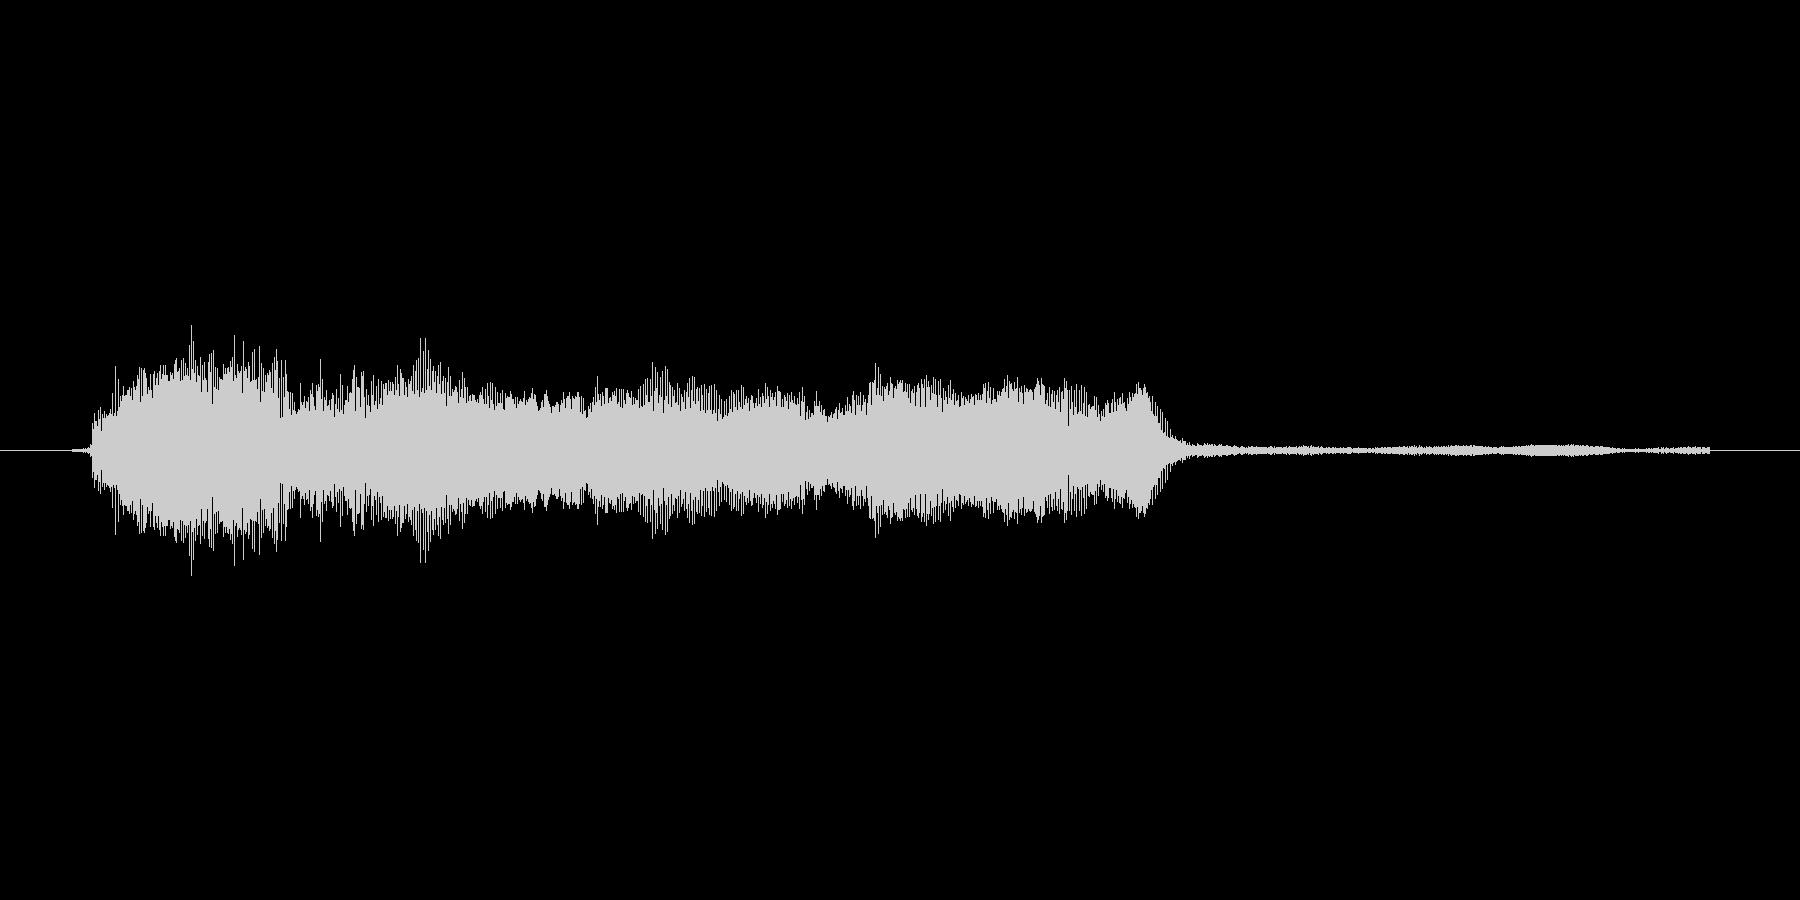 ゲーム、クイズ(ピンポン音)_008の未再生の波形